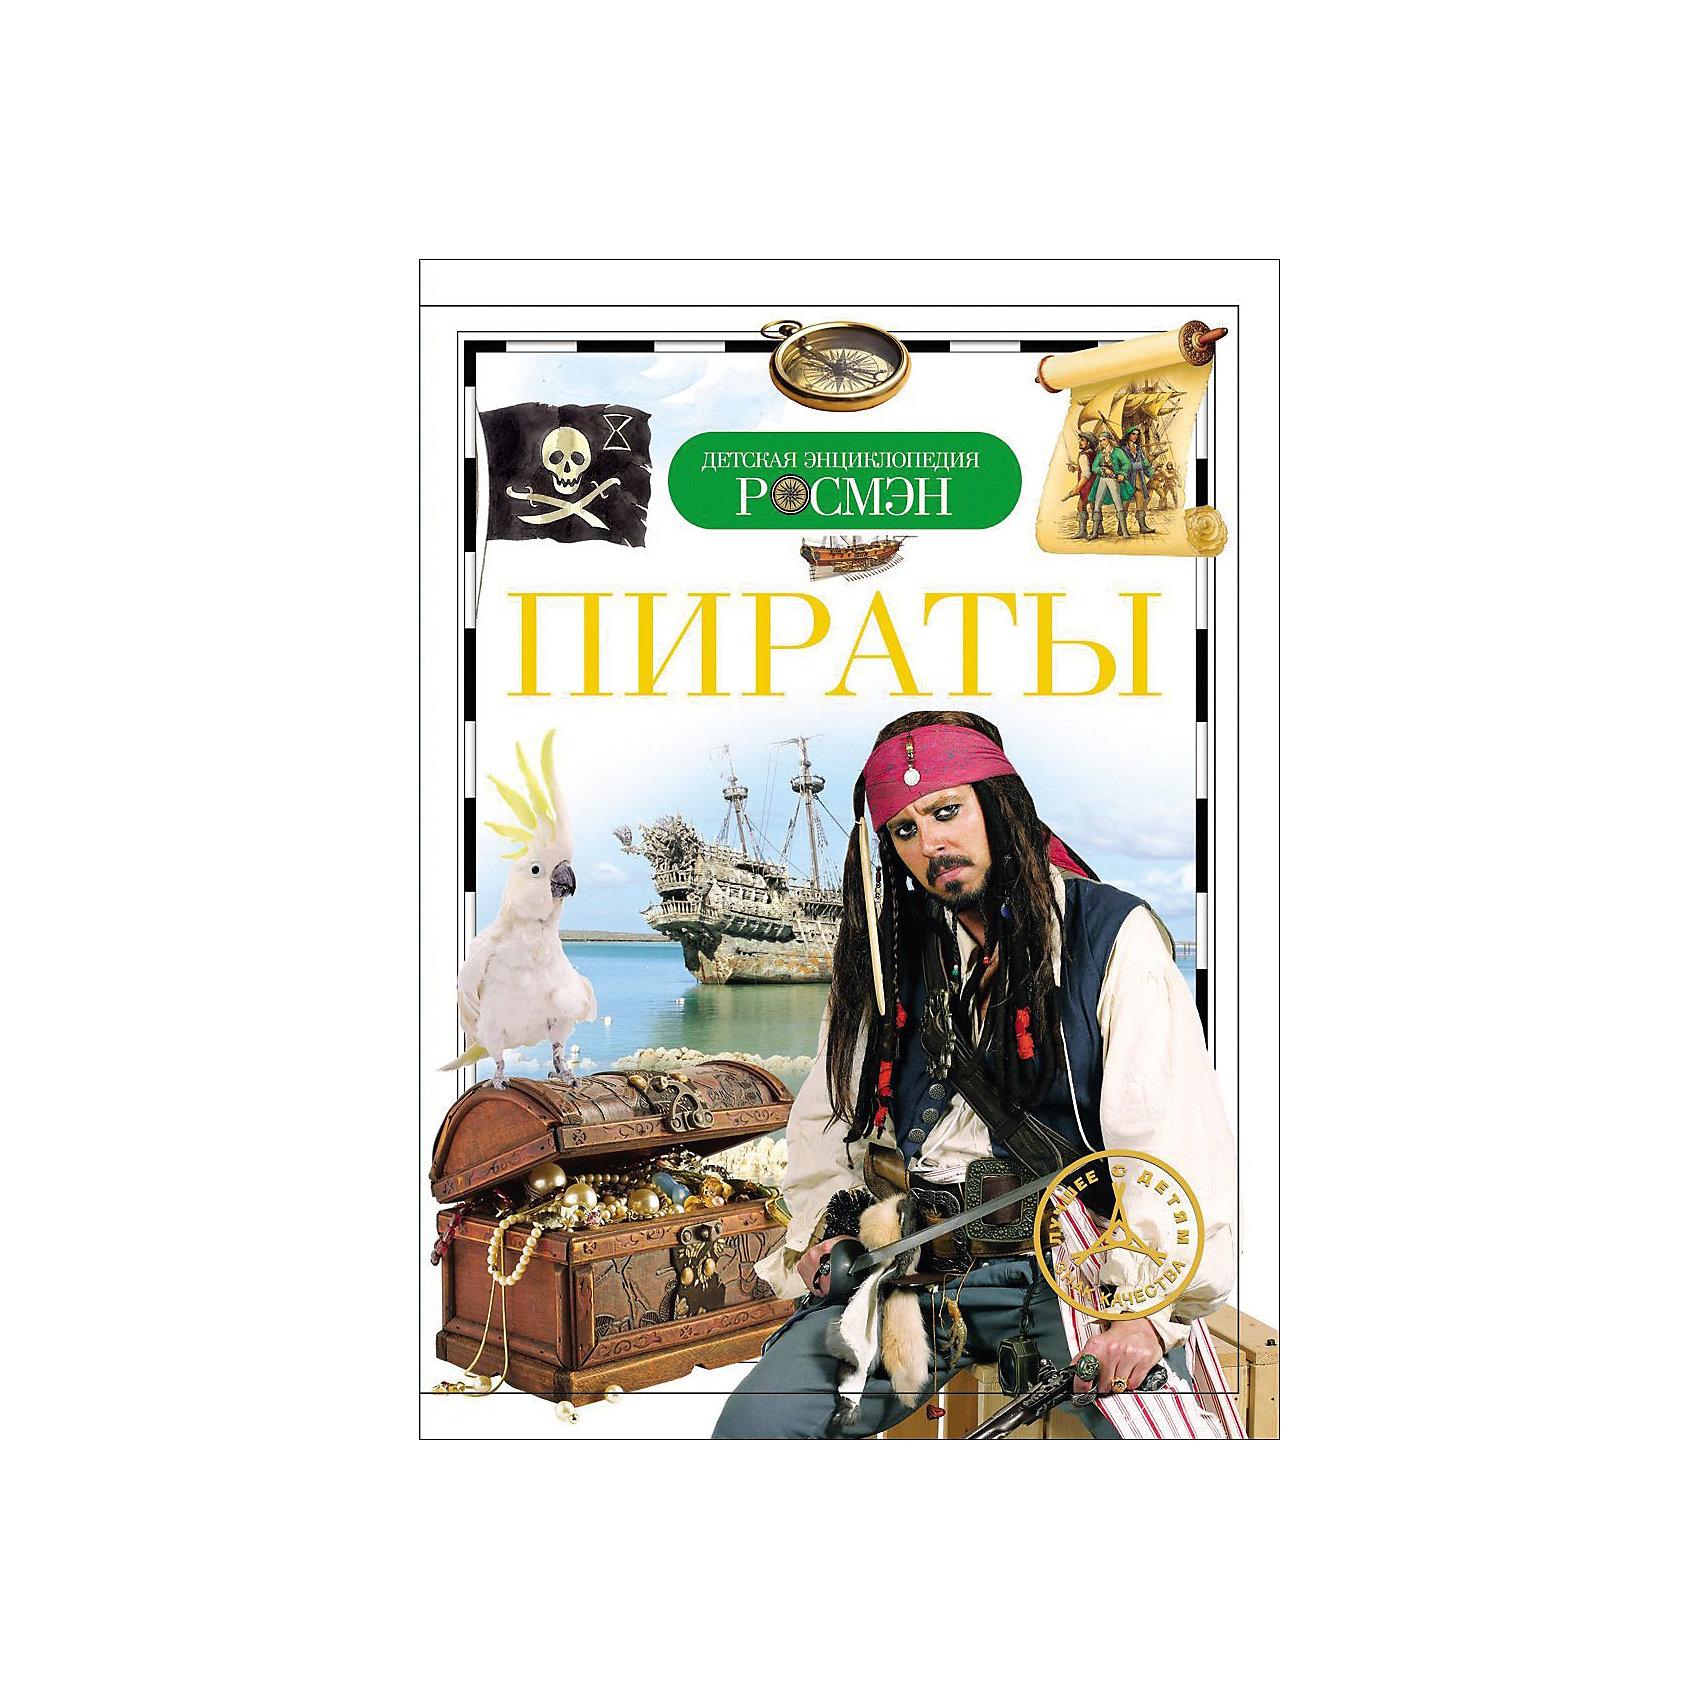 ПиратыДетские энциклопедии<br>Характеристики товара:<br><br>- цвет: разноцветный;<br>- материал: бумага;<br>- страниц: 96;<br>- формат: 17 x 21 см;<br>- обложка: твердая;<br>- цветные иллюстрации.<br><br>Эта интересная книга с иллюстрациями станет отличным подарком для ребенка. Она содержит в себе ответы на вопросы, которые интересуют малышей. Всё представлено в очень простой форме! Талантливый иллюстратор дополнил книгу качественными рисунками, которые помогают ребенку понять суть многих вещей в нашем мире. Удивительные и интересные факты помогут привить любовь к учебе!<br>Чтение - отличный способ активизации мышления, оно помогает ребенку развивать зрительную память, концентрацию внимания и воображение. Издание произведено из качественных материалов, которые безопасны даже для самых маленьких.<br><br>Книгу Пираты от компании Росмэн можно купить в нашем интернет-магазине.<br><br>Ширина мм: 220<br>Глубина мм: 165<br>Высота мм: 10<br>Вес г: 169<br>Возраст от месяцев: 84<br>Возраст до месяцев: 108<br>Пол: Унисекс<br>Возраст: Детский<br>SKU: 5109988